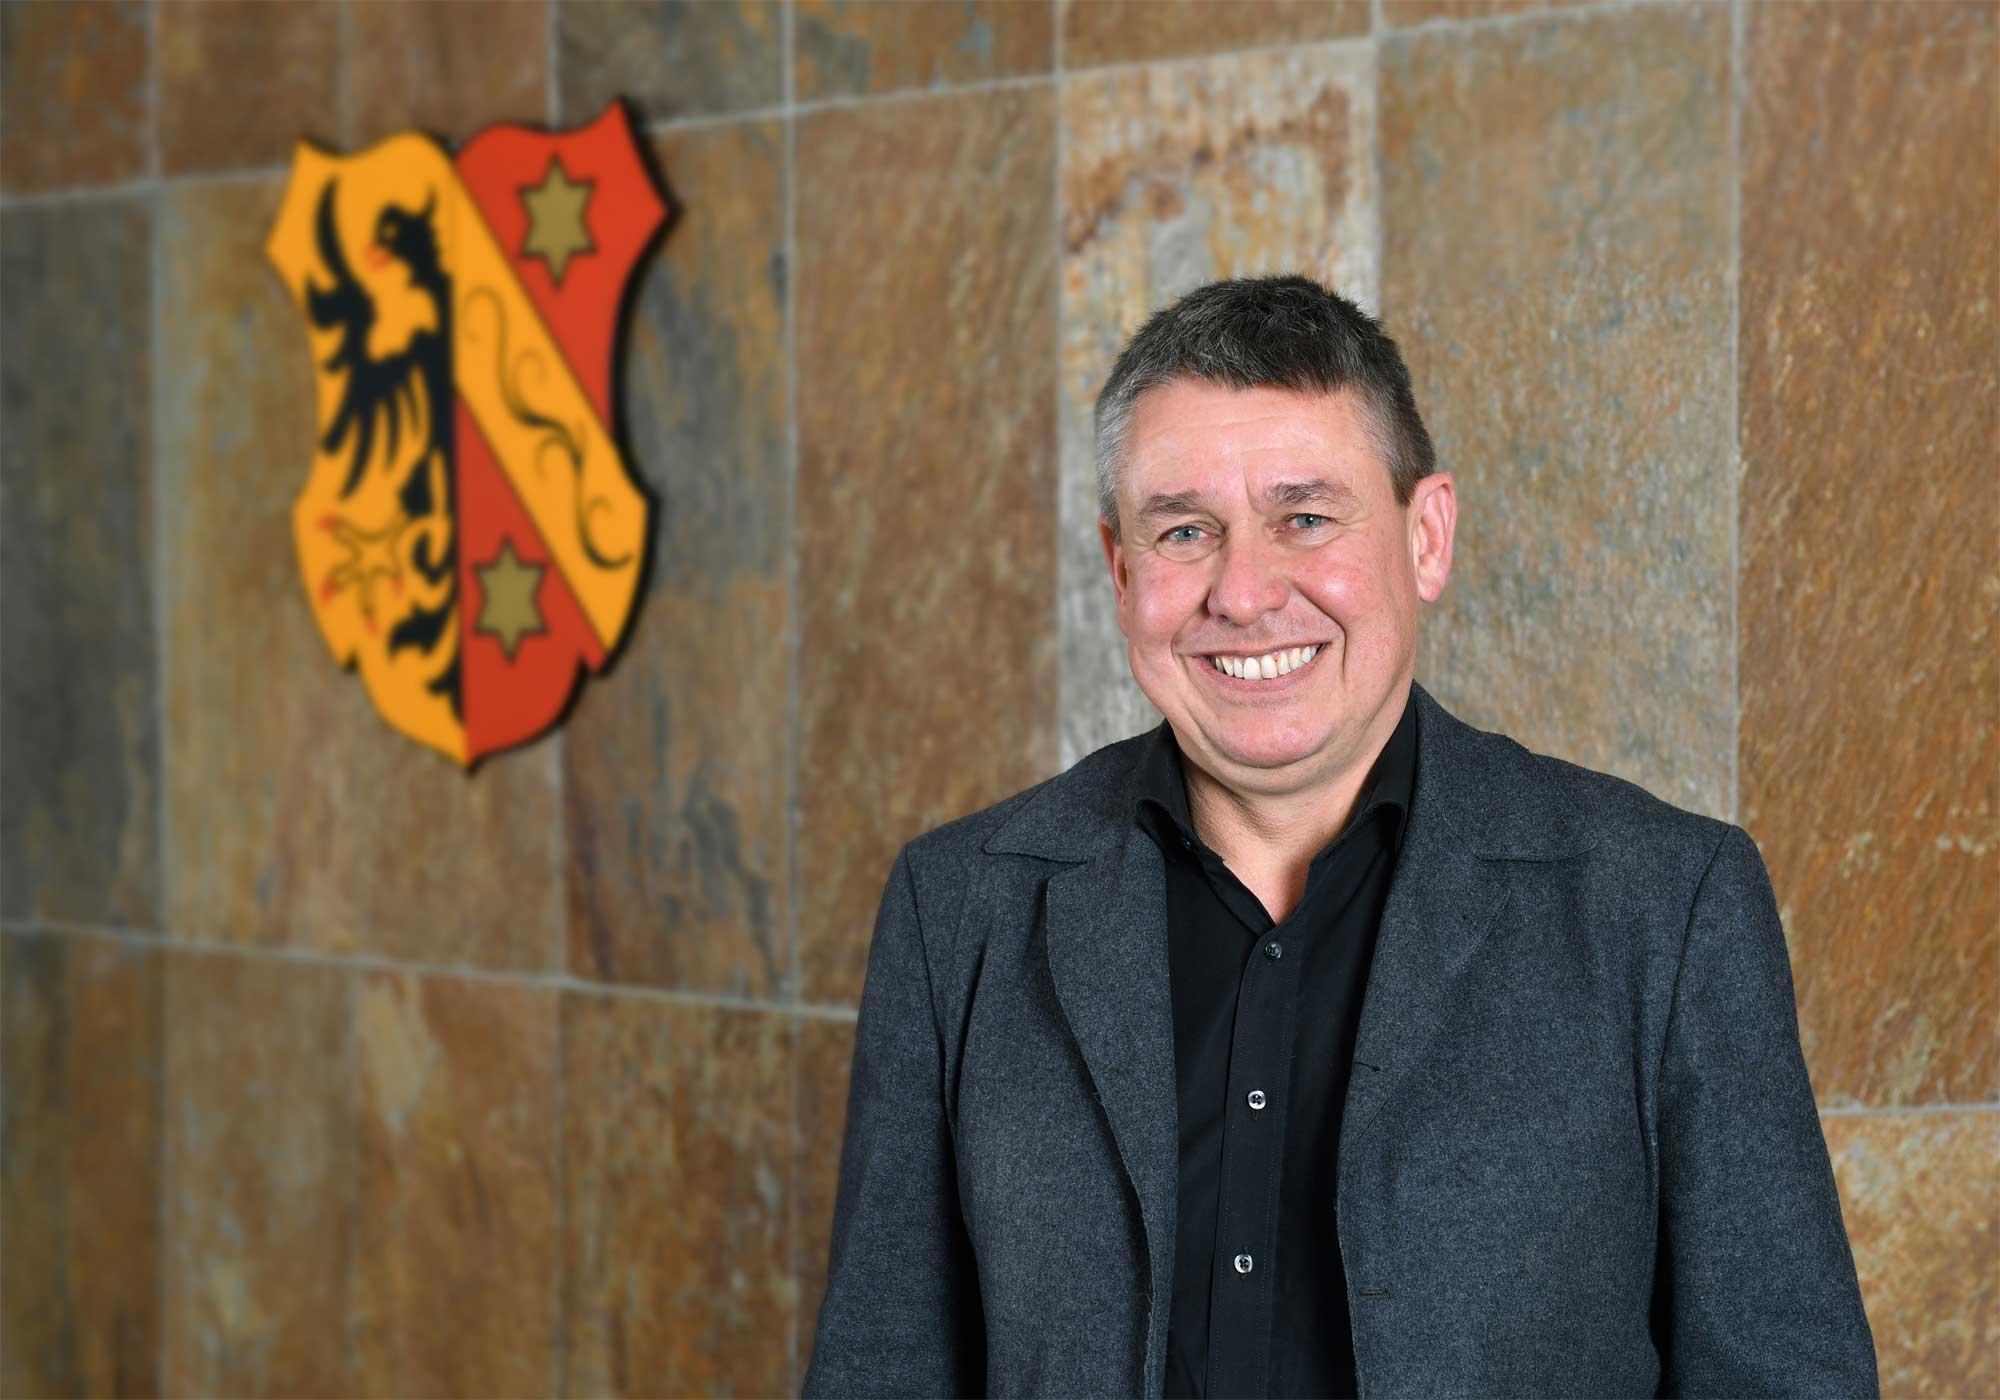 Thomas Zeh, Leiter des Referats für Zentrale Dienste, Bürgerservice, Recht und öffentliche Ordnung